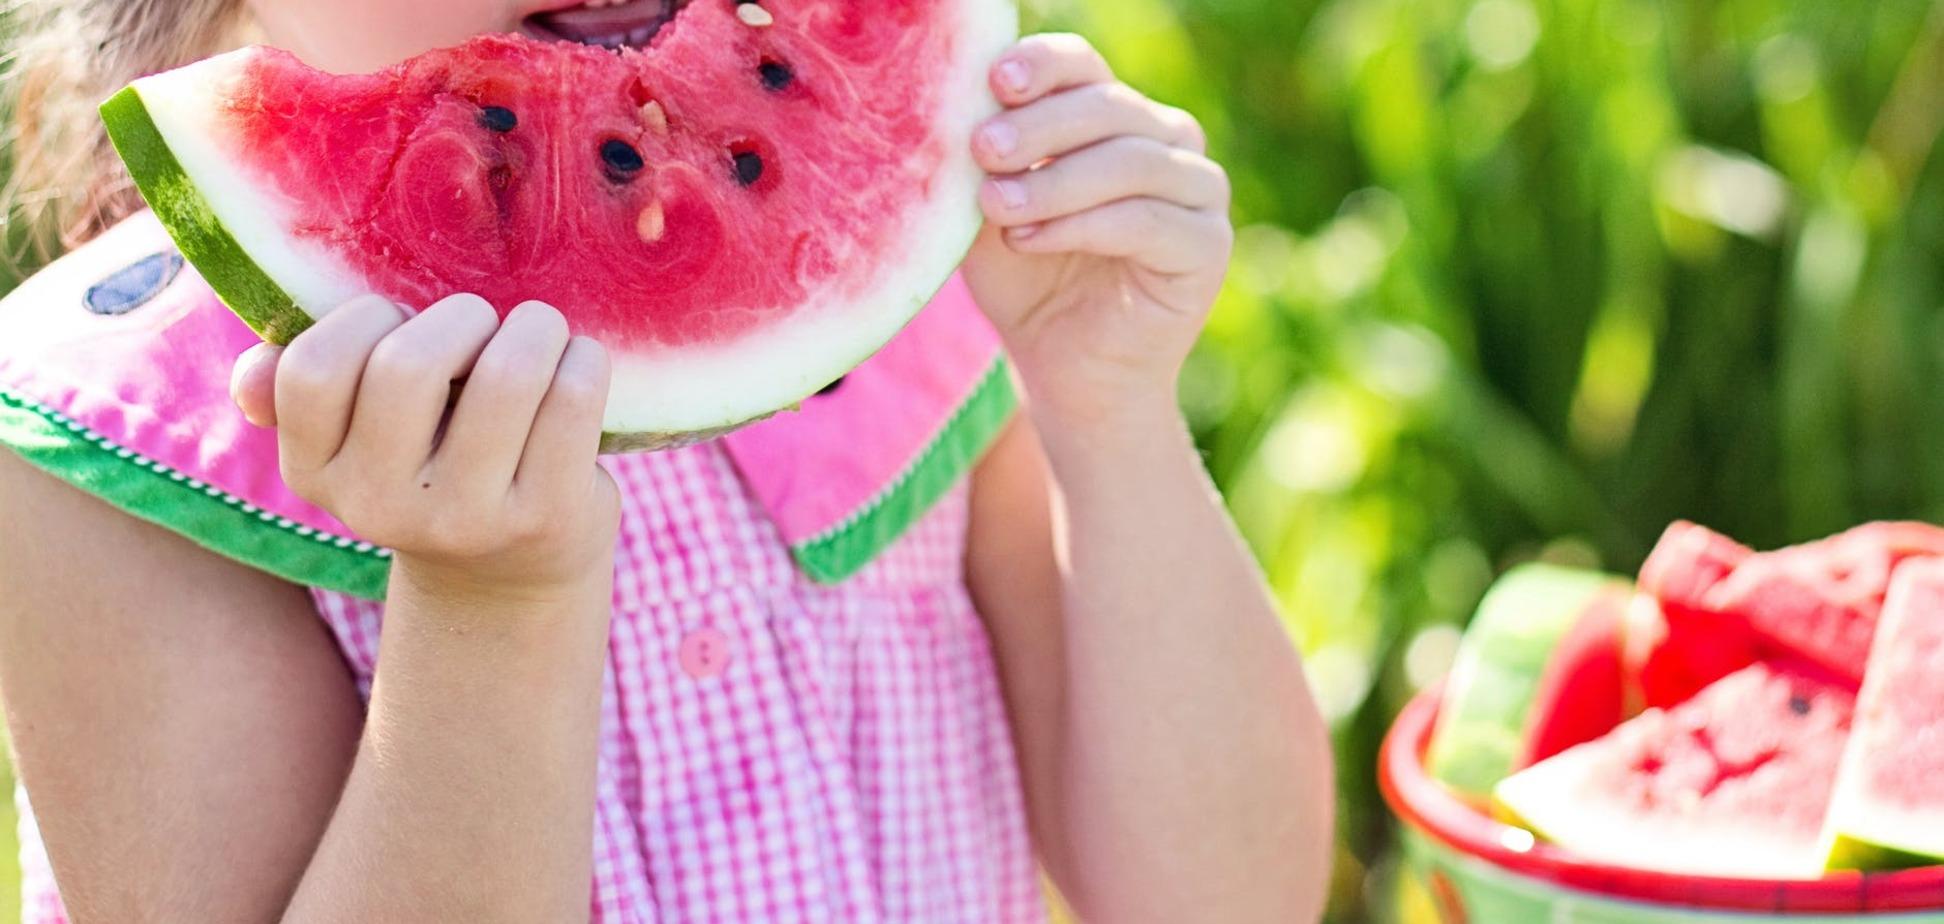 Овочі і фрукти в місті: журналісти попередили про небезпеку